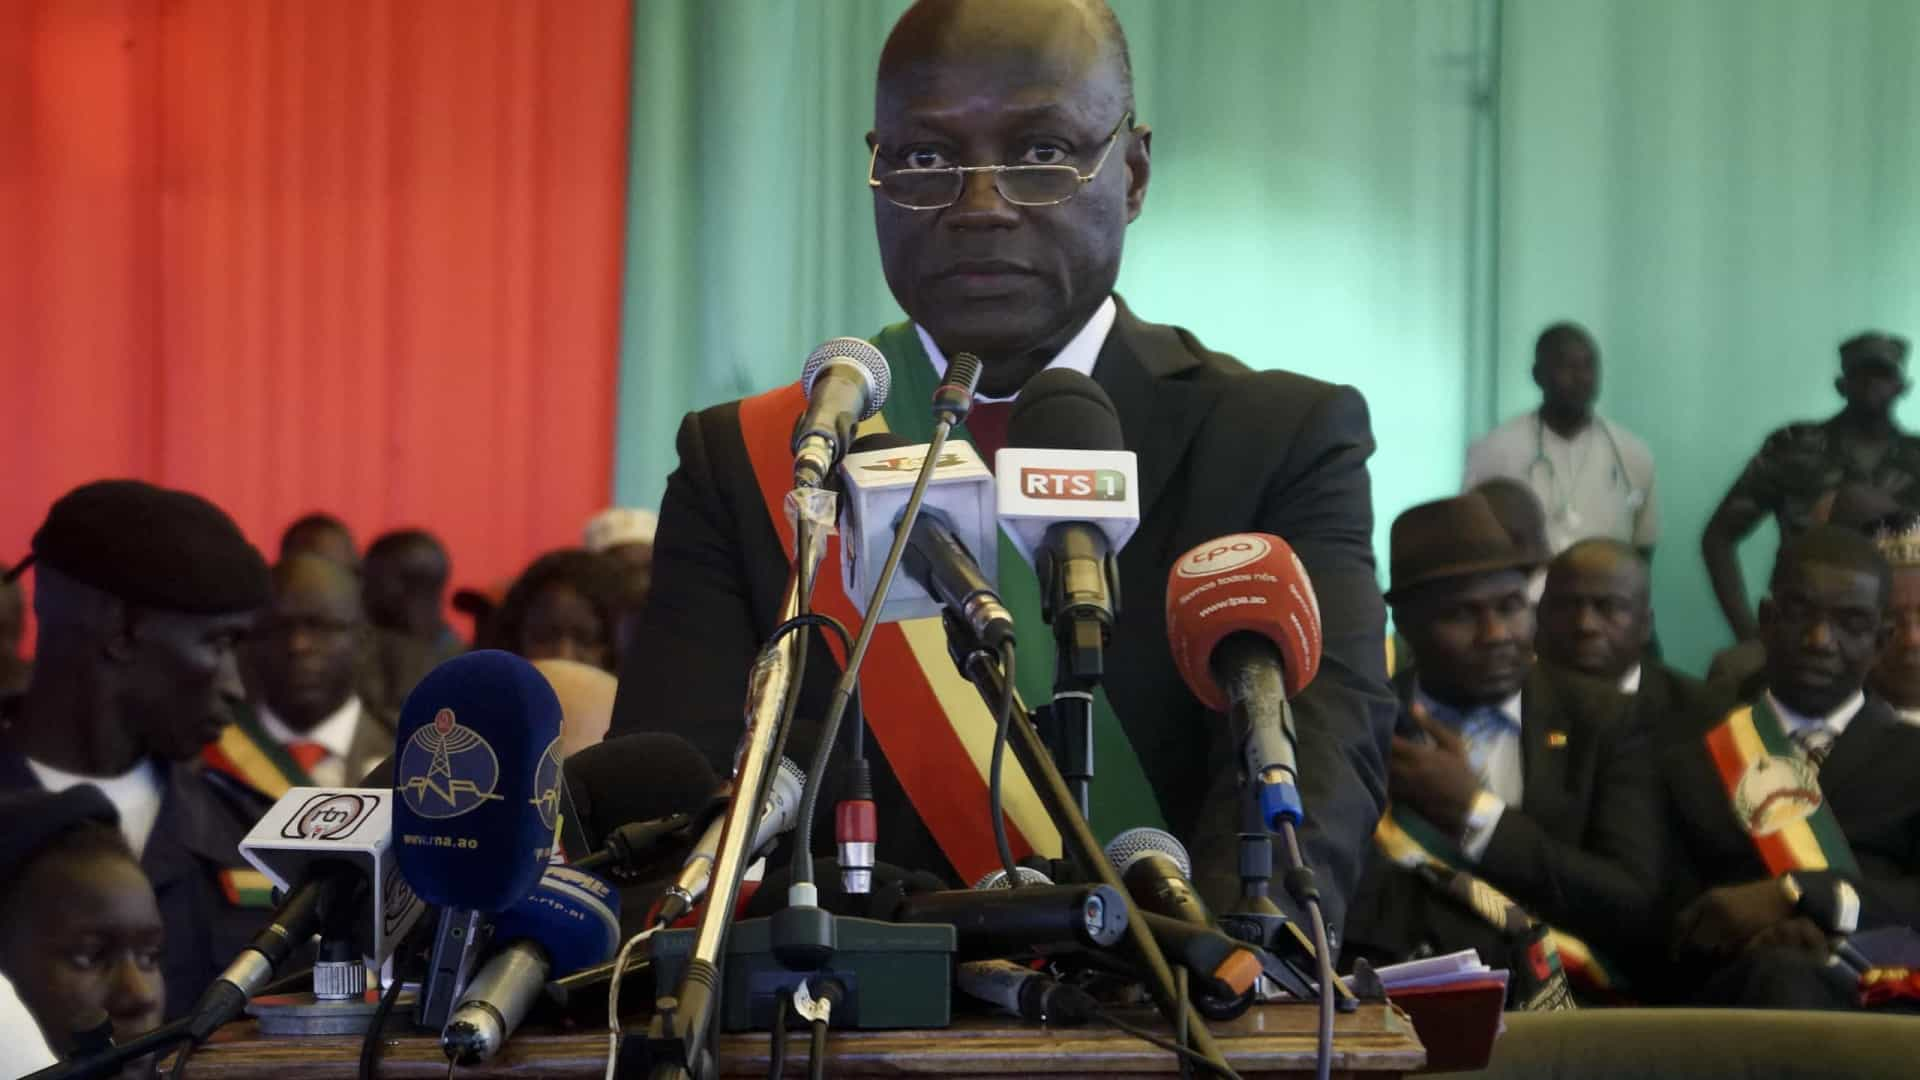 Inaugurado em Bissau centro de alerta precoce de conflitos e problemas